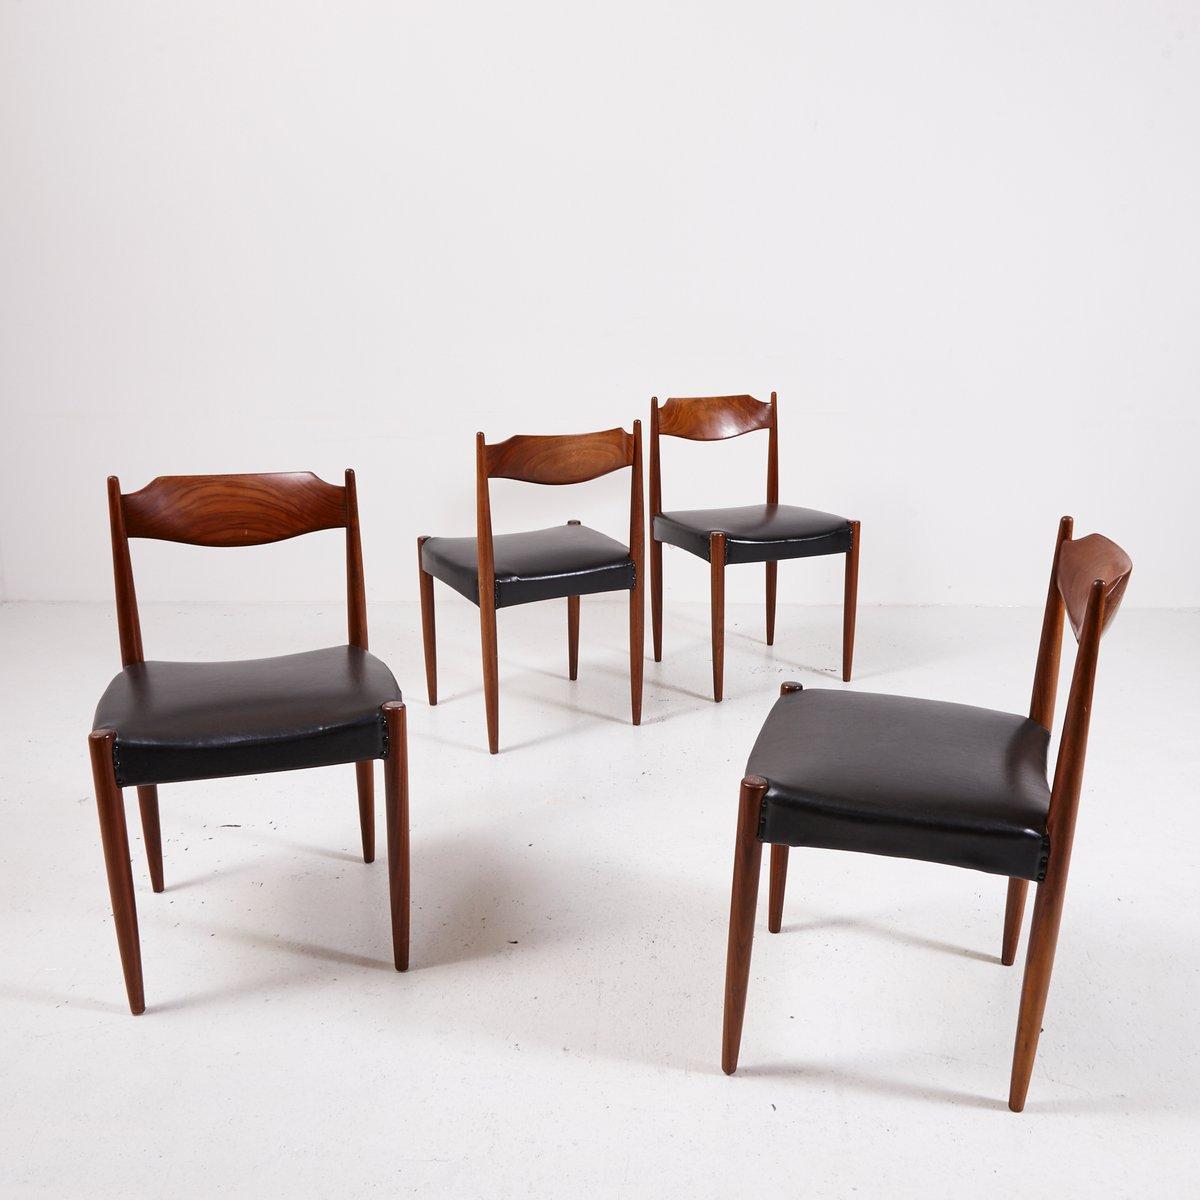 d nische esszimmerst hle aus palisander 4er set bei pamono kaufen. Black Bedroom Furniture Sets. Home Design Ideas